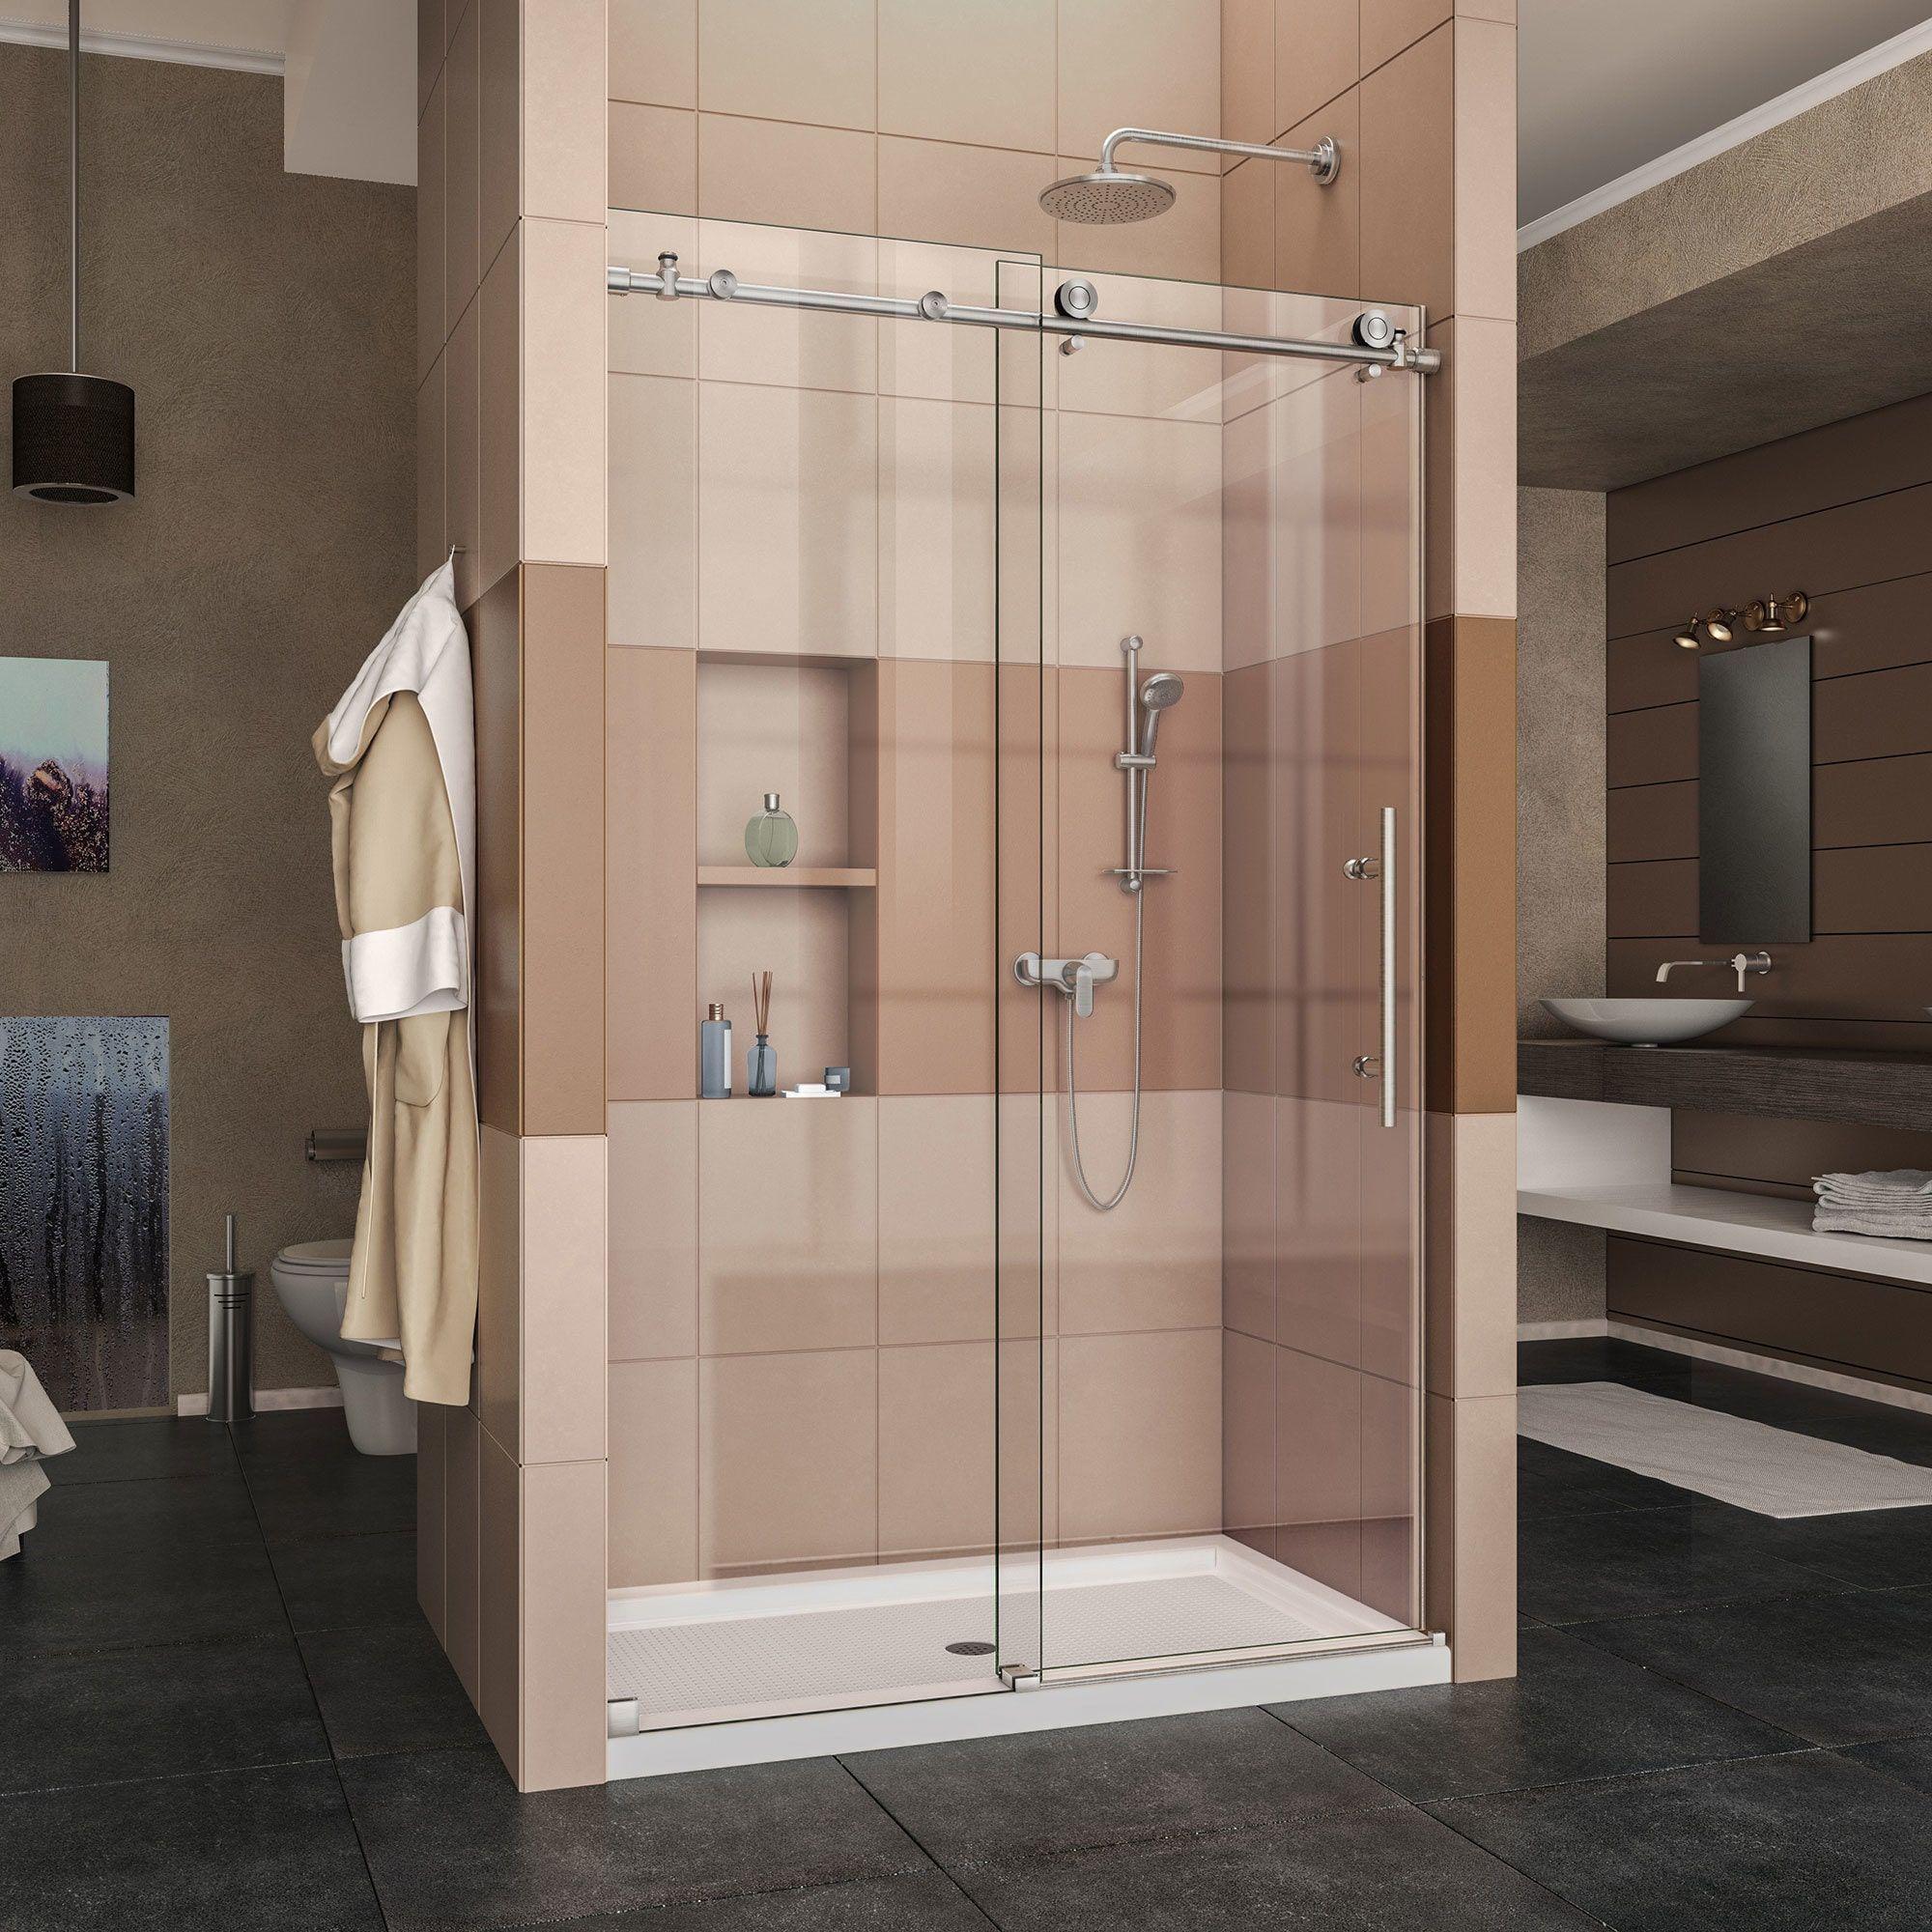 dreamline enigma x 44 to 48 in fully frameless sliding shower door rh pinterest com